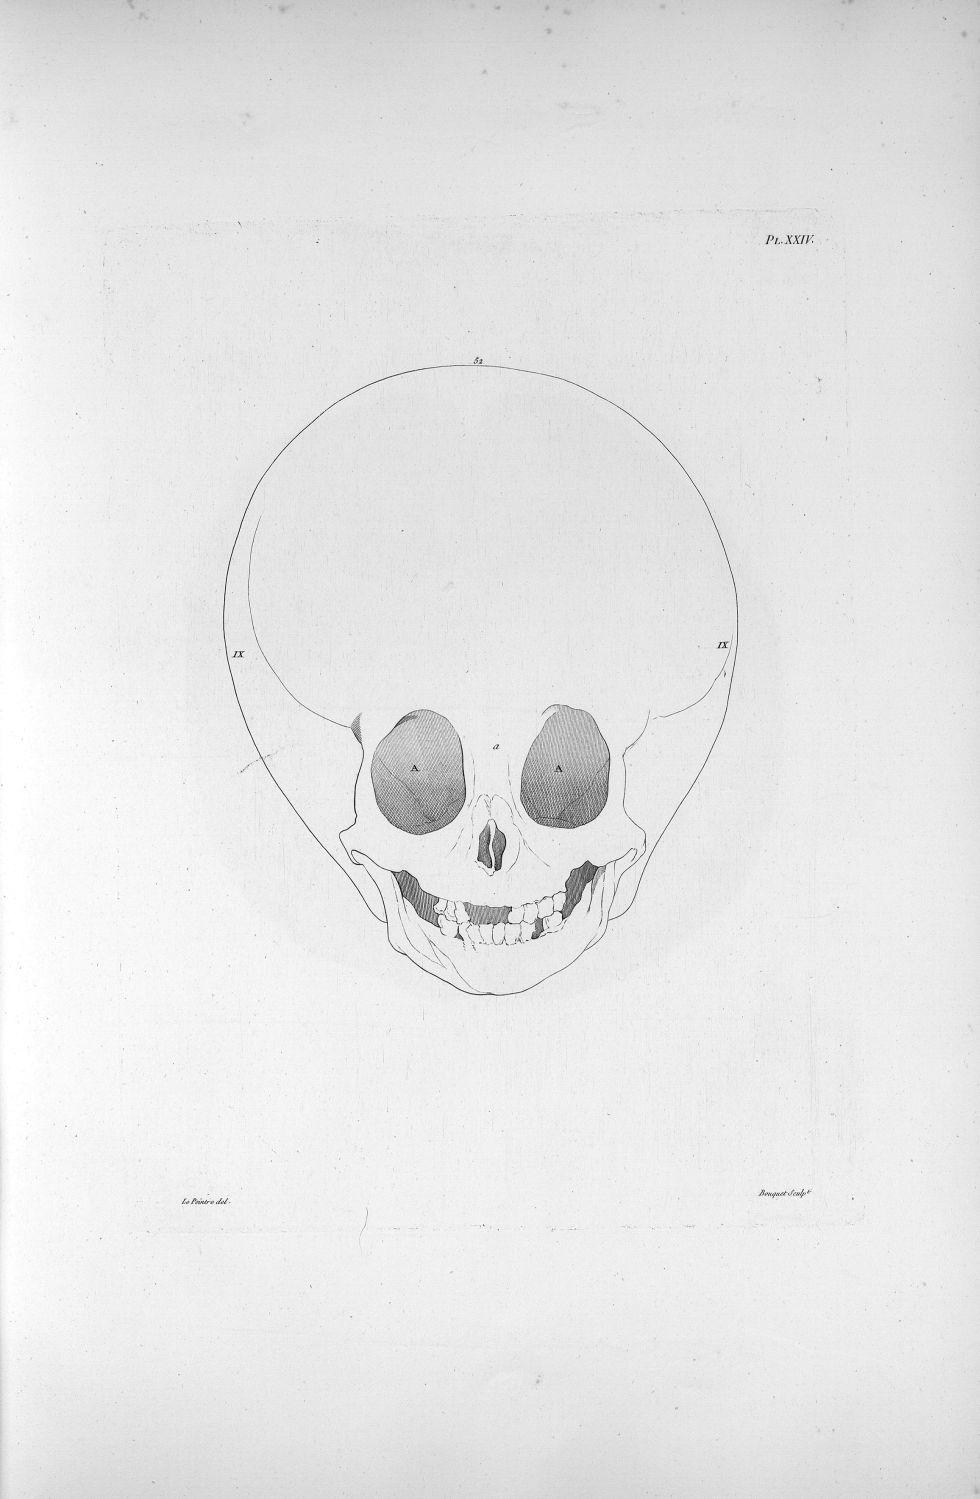 Pl. XXIV. Même hydrocéphale [enfant de sept ans complètement imbécile], vu en face - Anatomie. Neurologie. Crânes. Phrénologie. 19e siècle (France) - med00575xatlasx0034